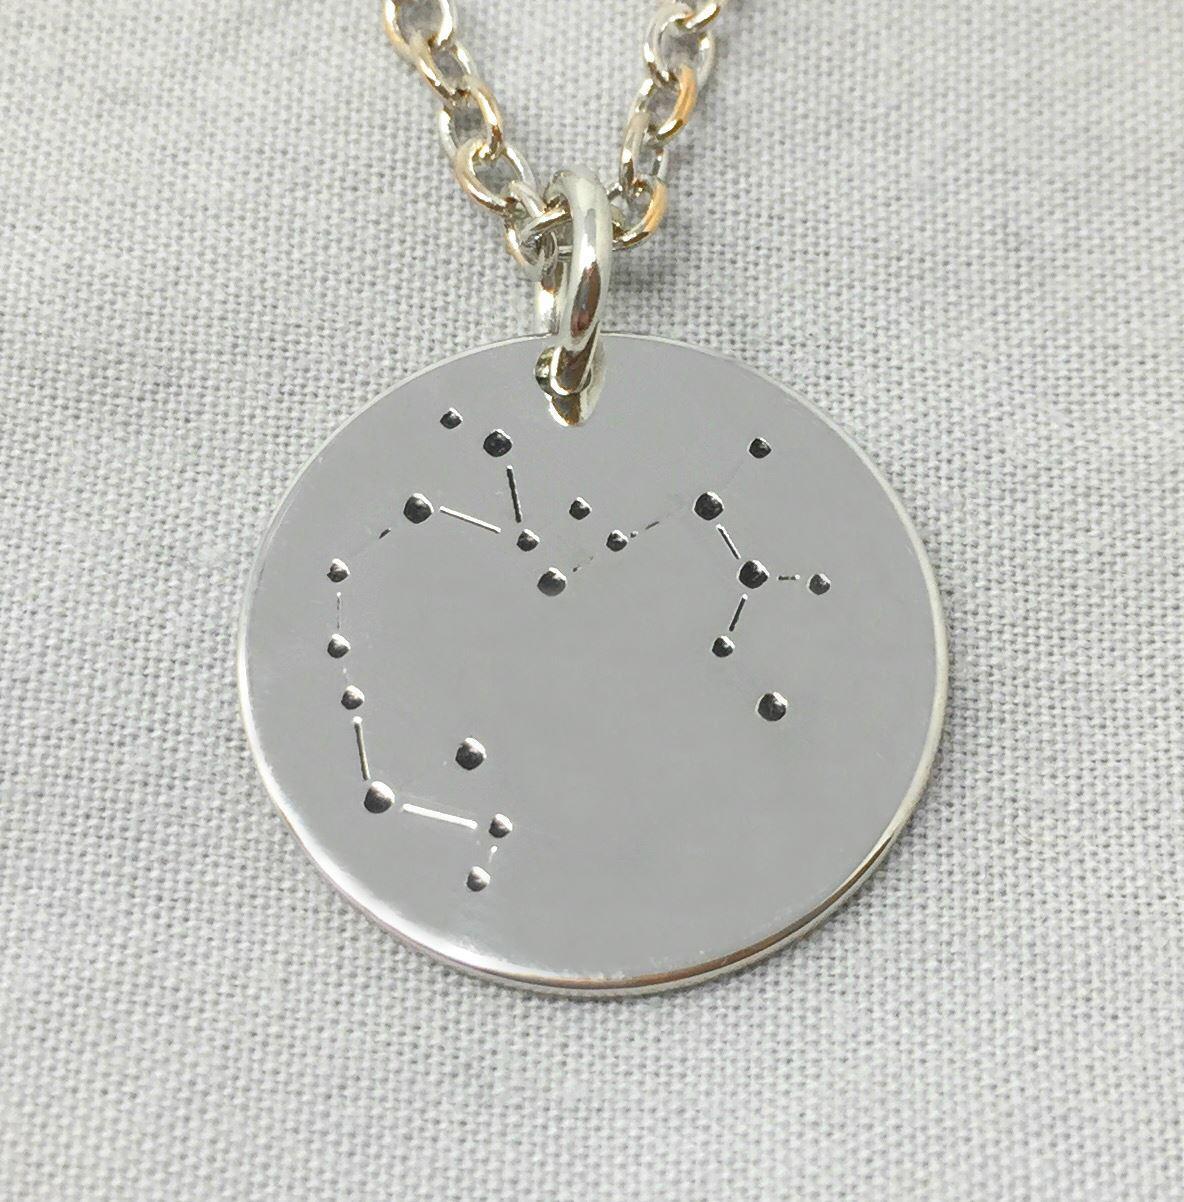 509eec48d6af Estrella-Firmar-Collar-Constelaciones-Zodiaco-Senales-Horoscopo-Cadena-